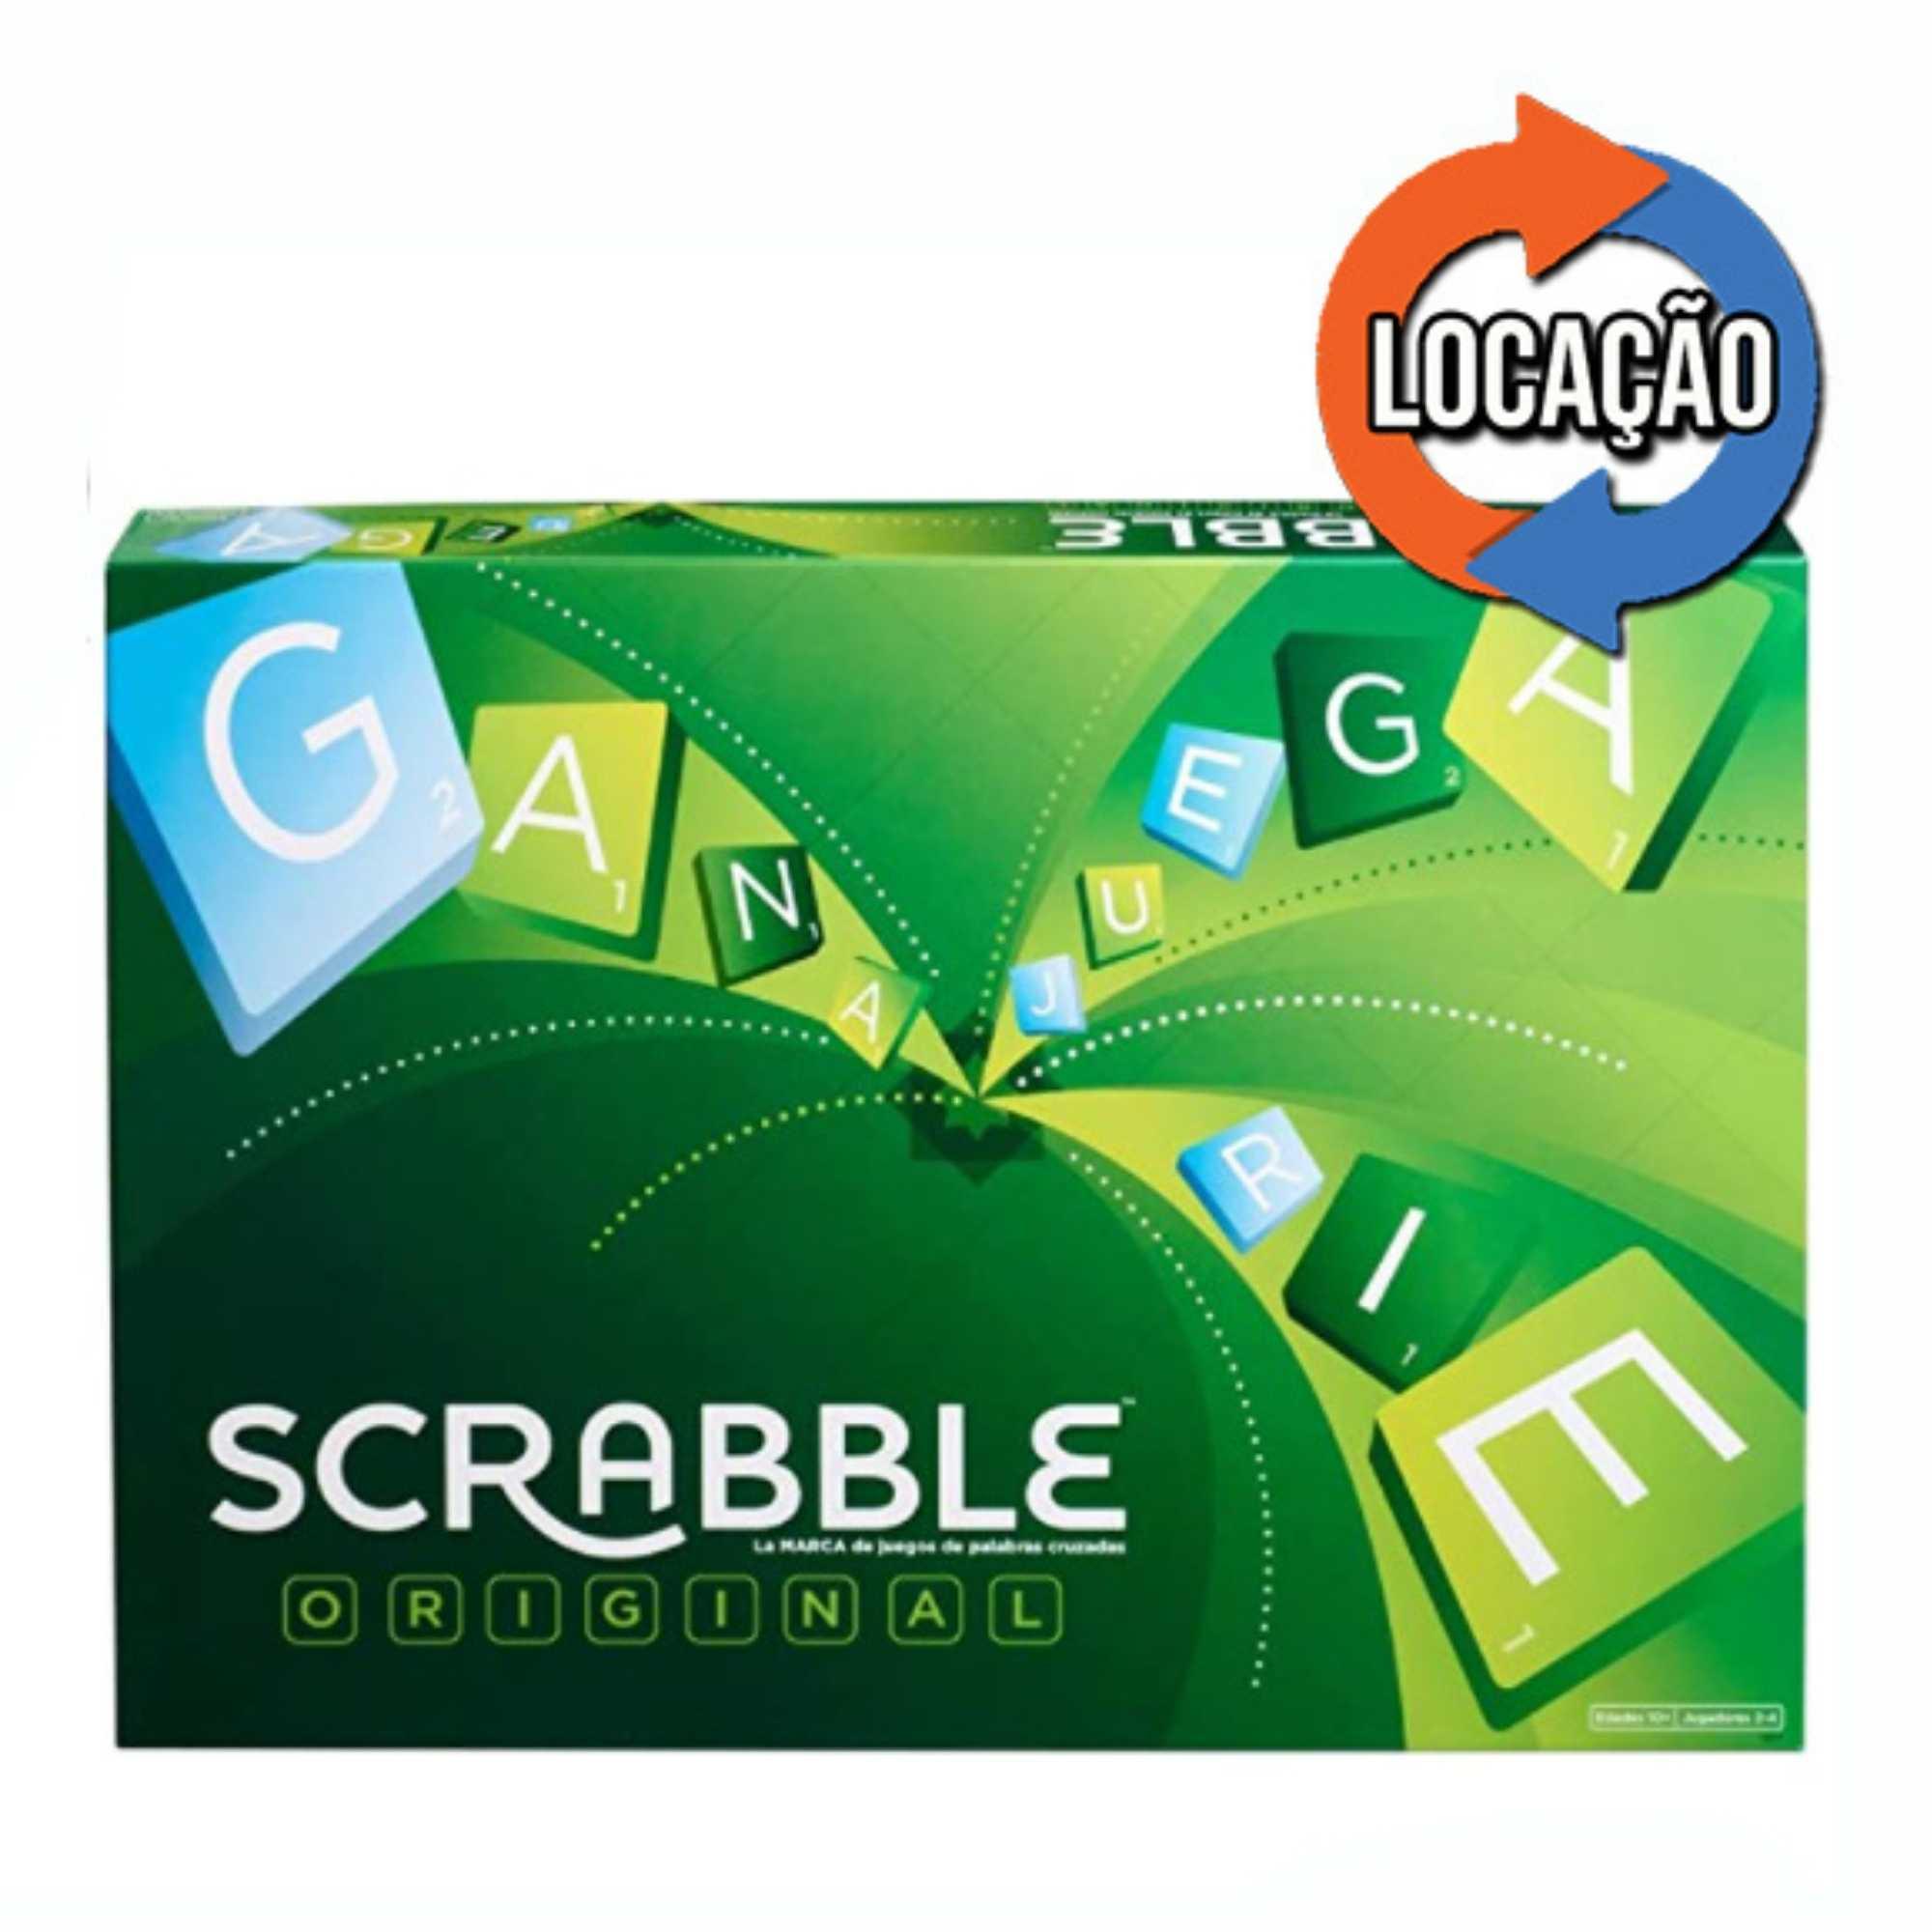 Scrabble Original - Mattel (Locação)